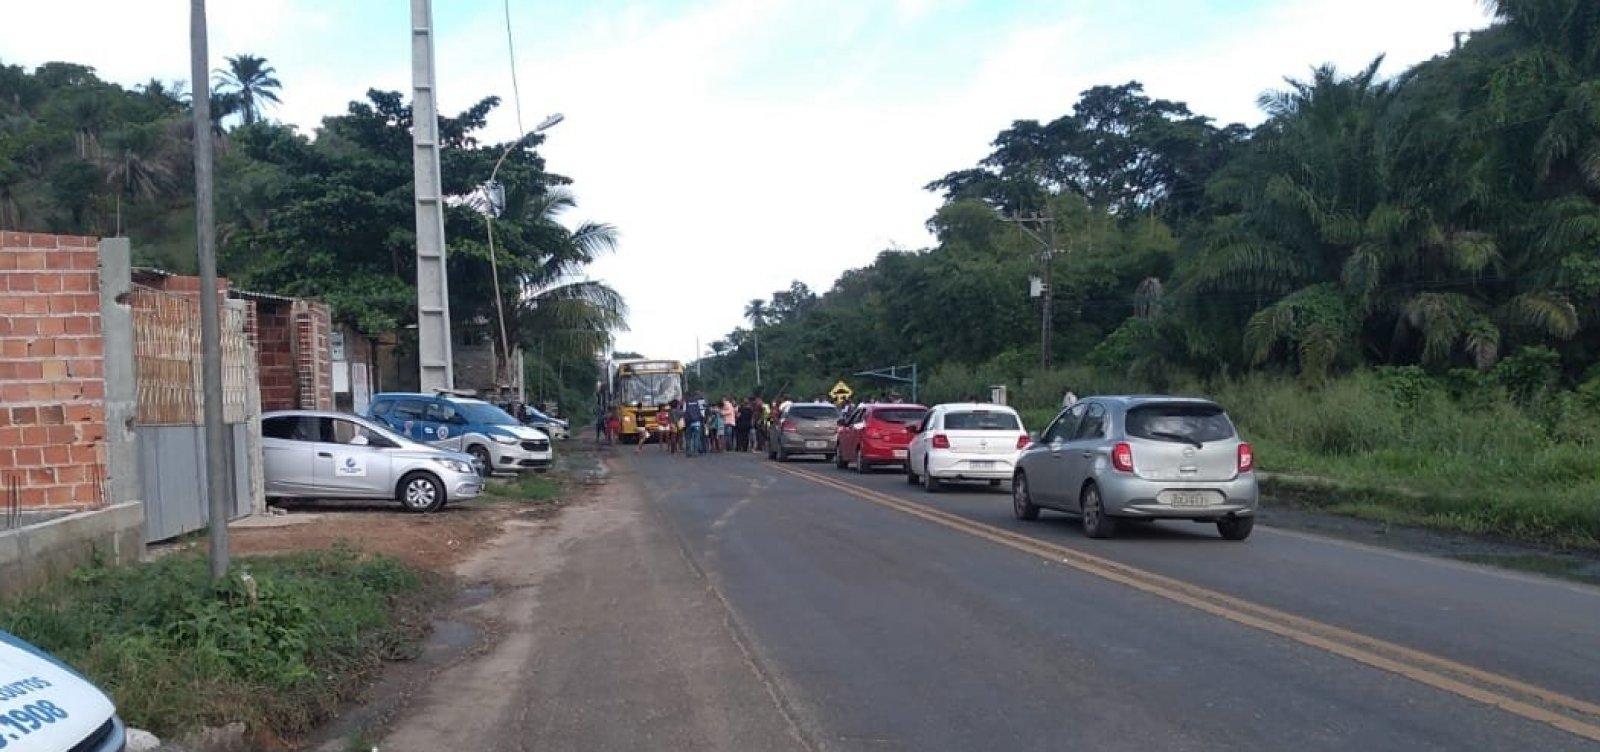 Moradores protestam contra morte de bebê e acusam polícia de disparar contra grávida